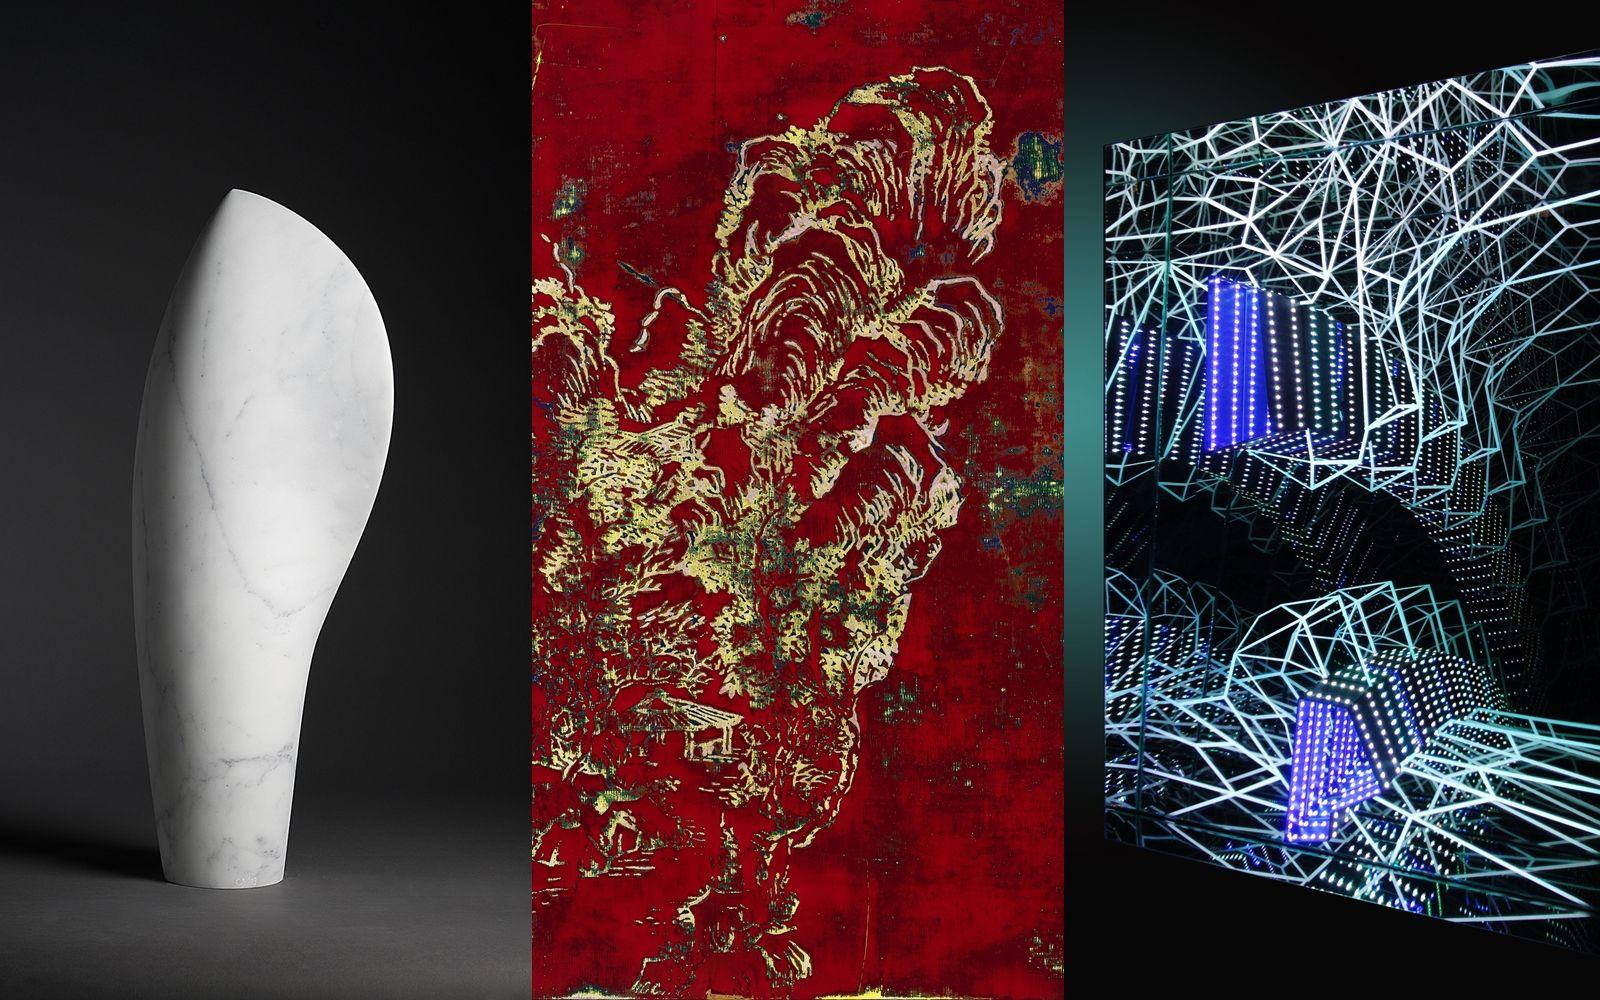 5月必看8檔藝術展覽推薦!